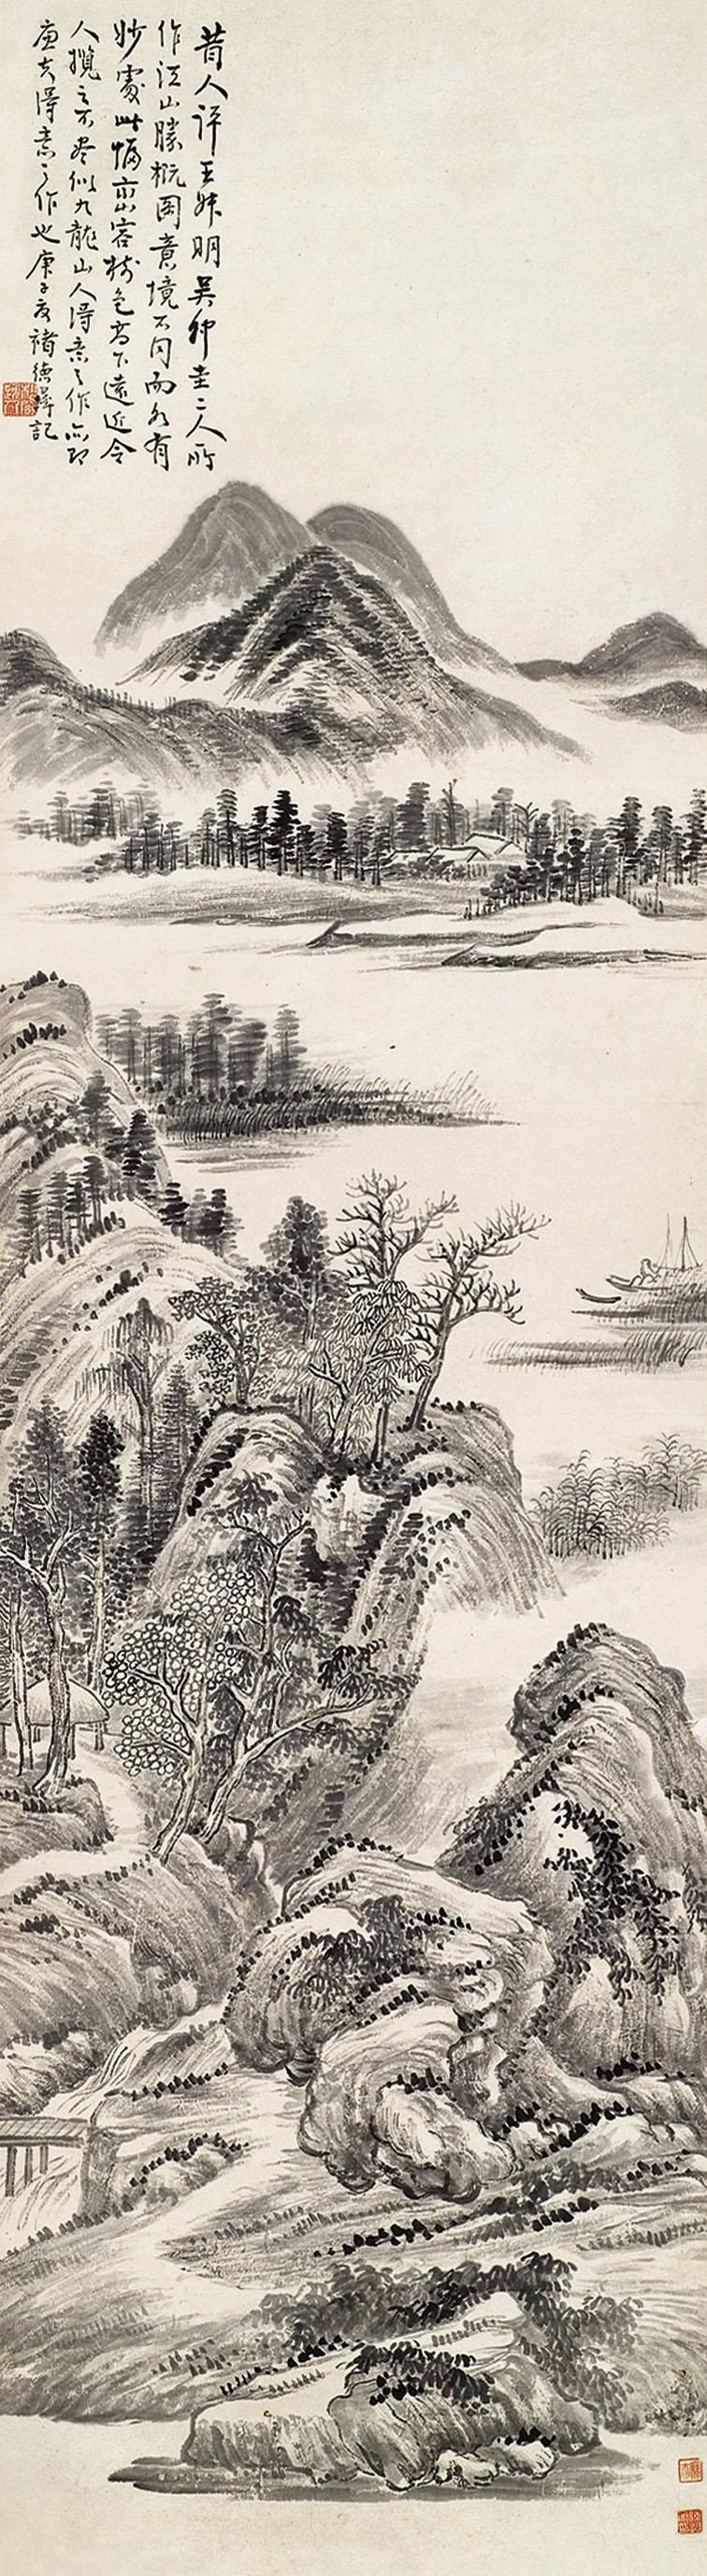 江山胜览图